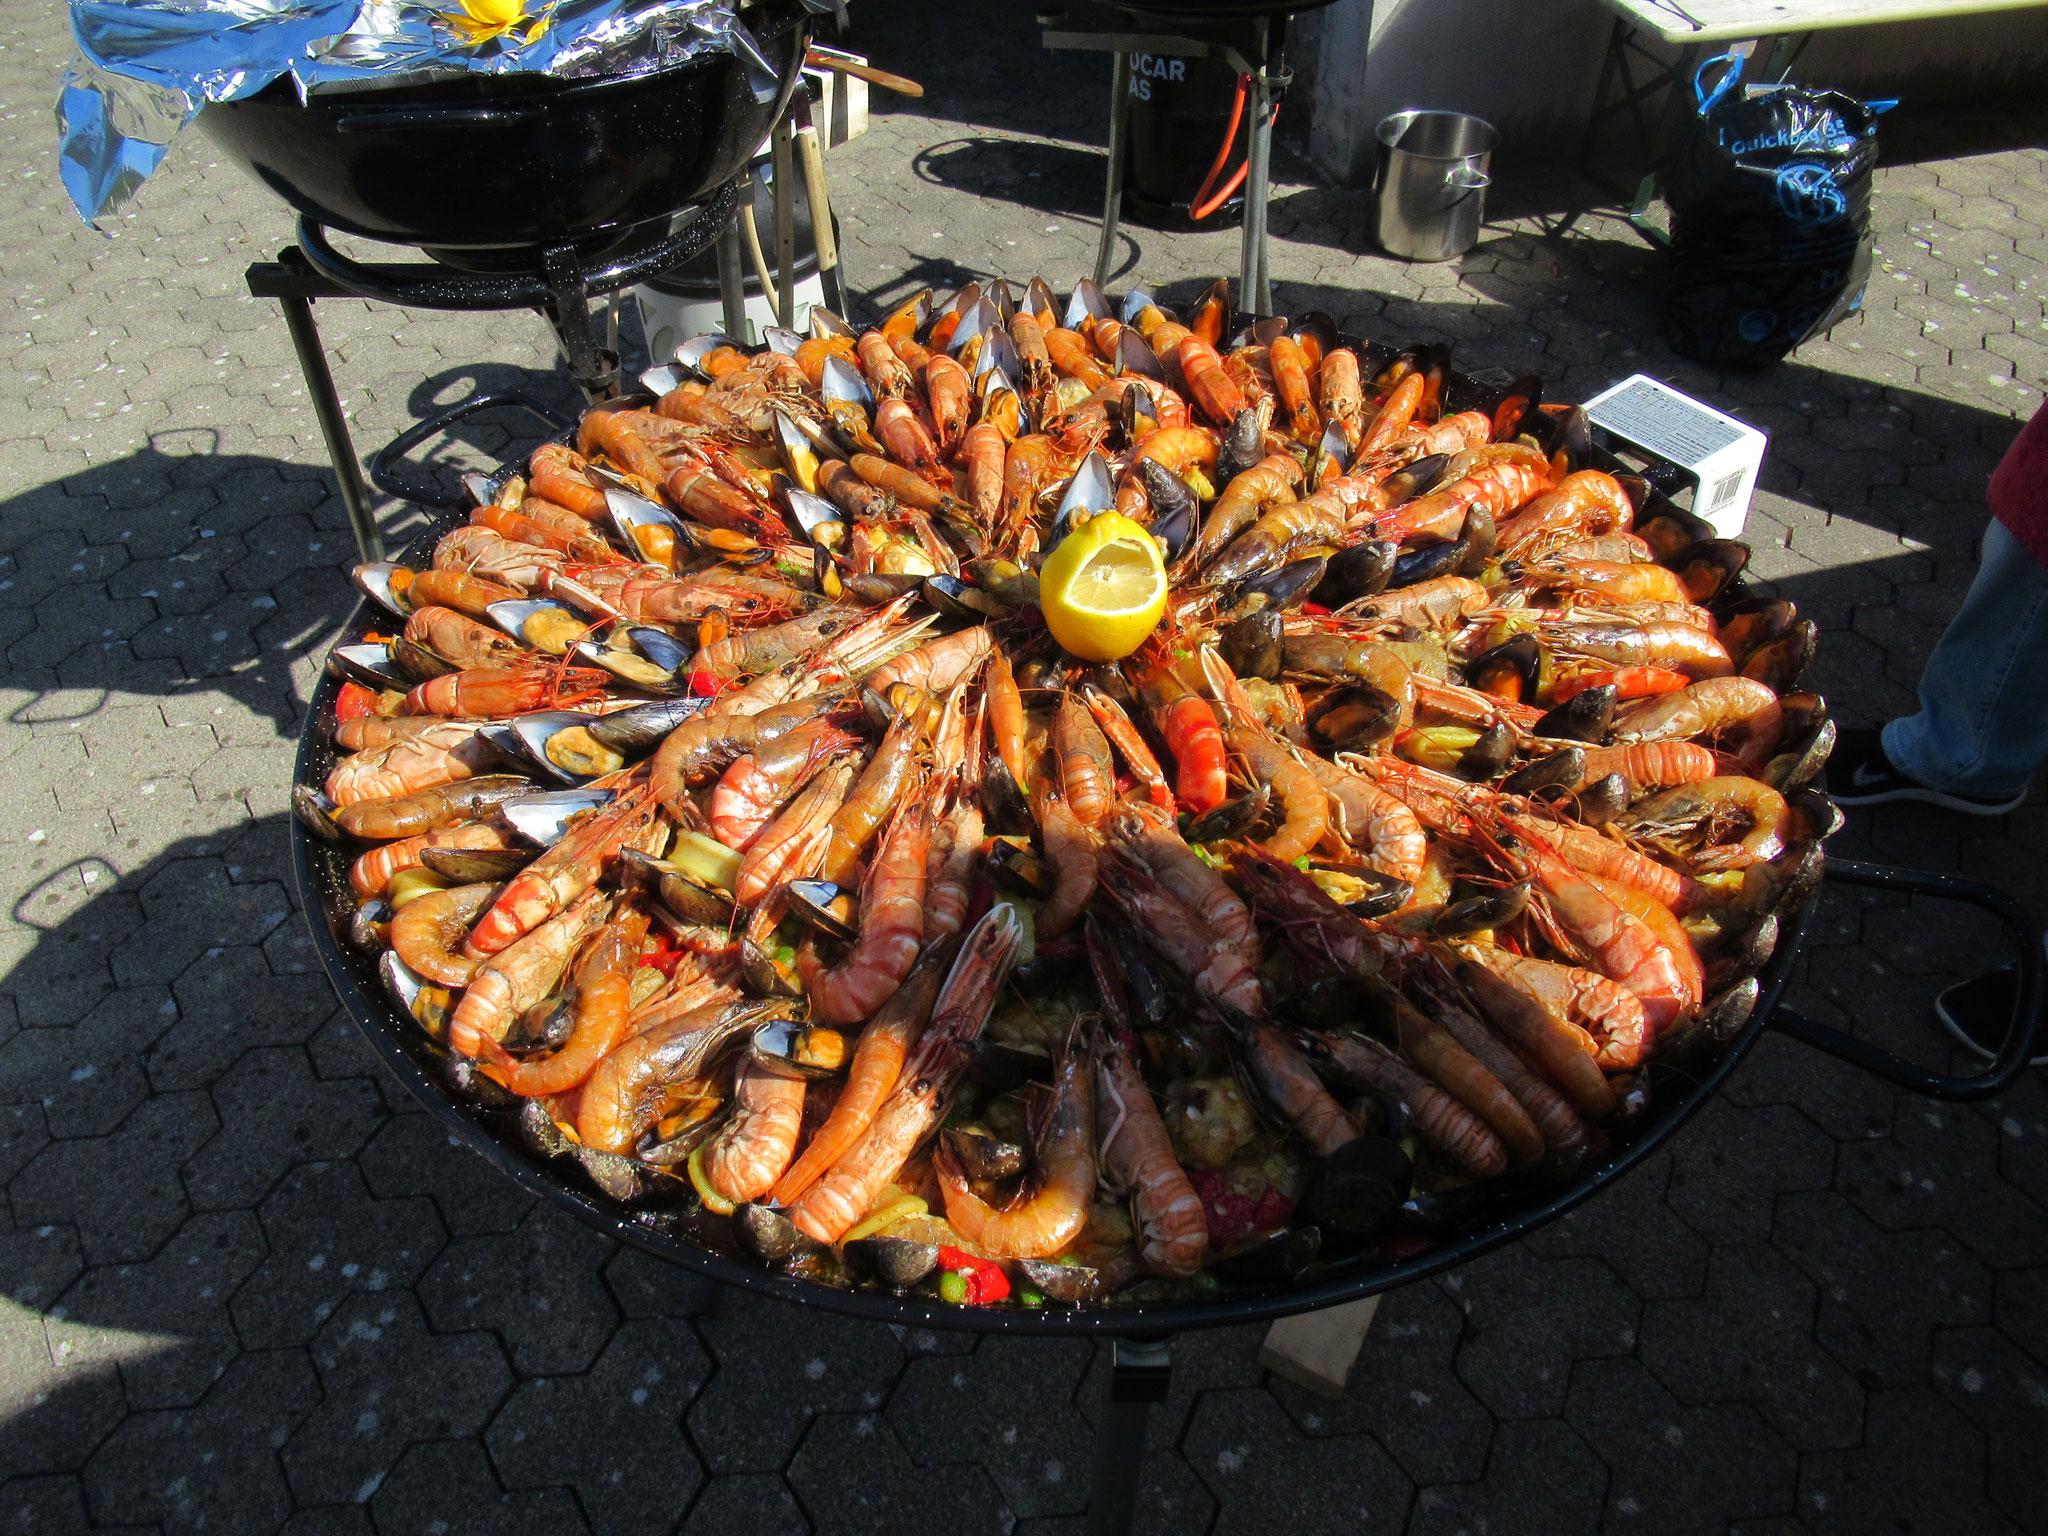 Die original zubereitete Paella